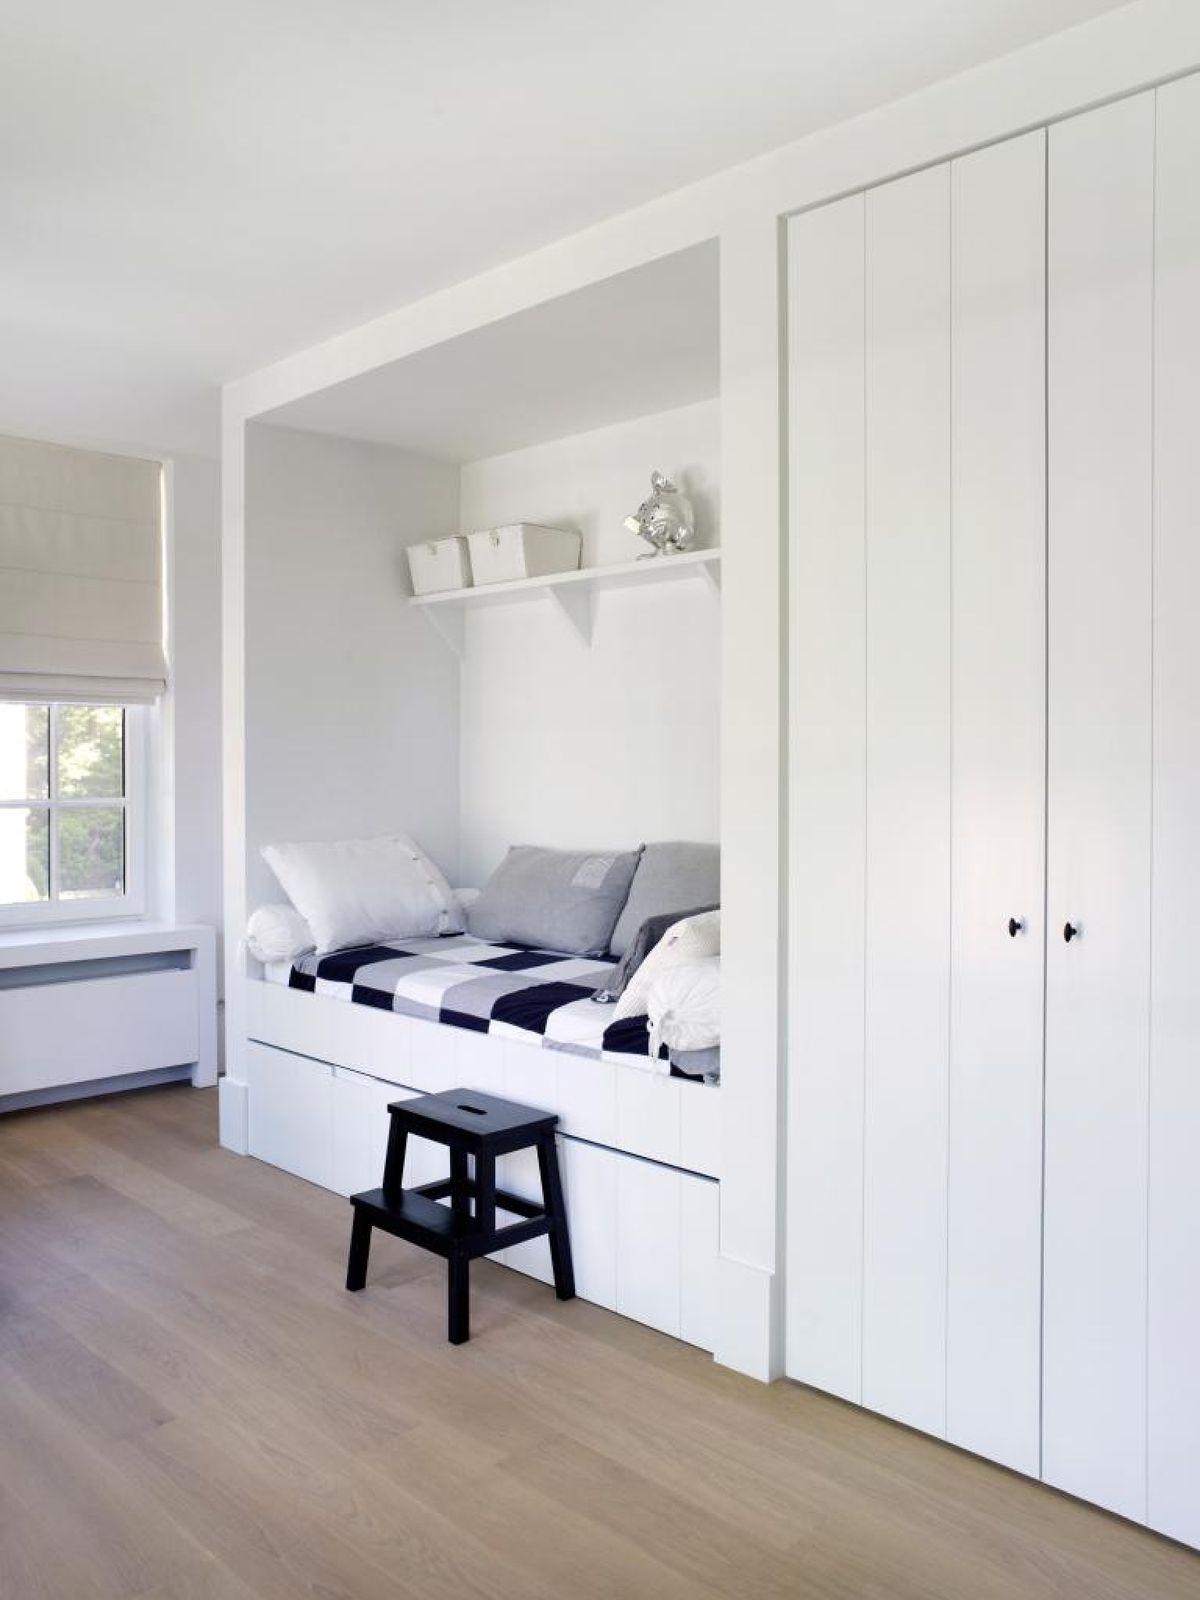 Meer dan 1000 idee n over kleine tiener slaapkamers op pinterest tiener slaapkamer - Ideeen deco tienerkamer ...